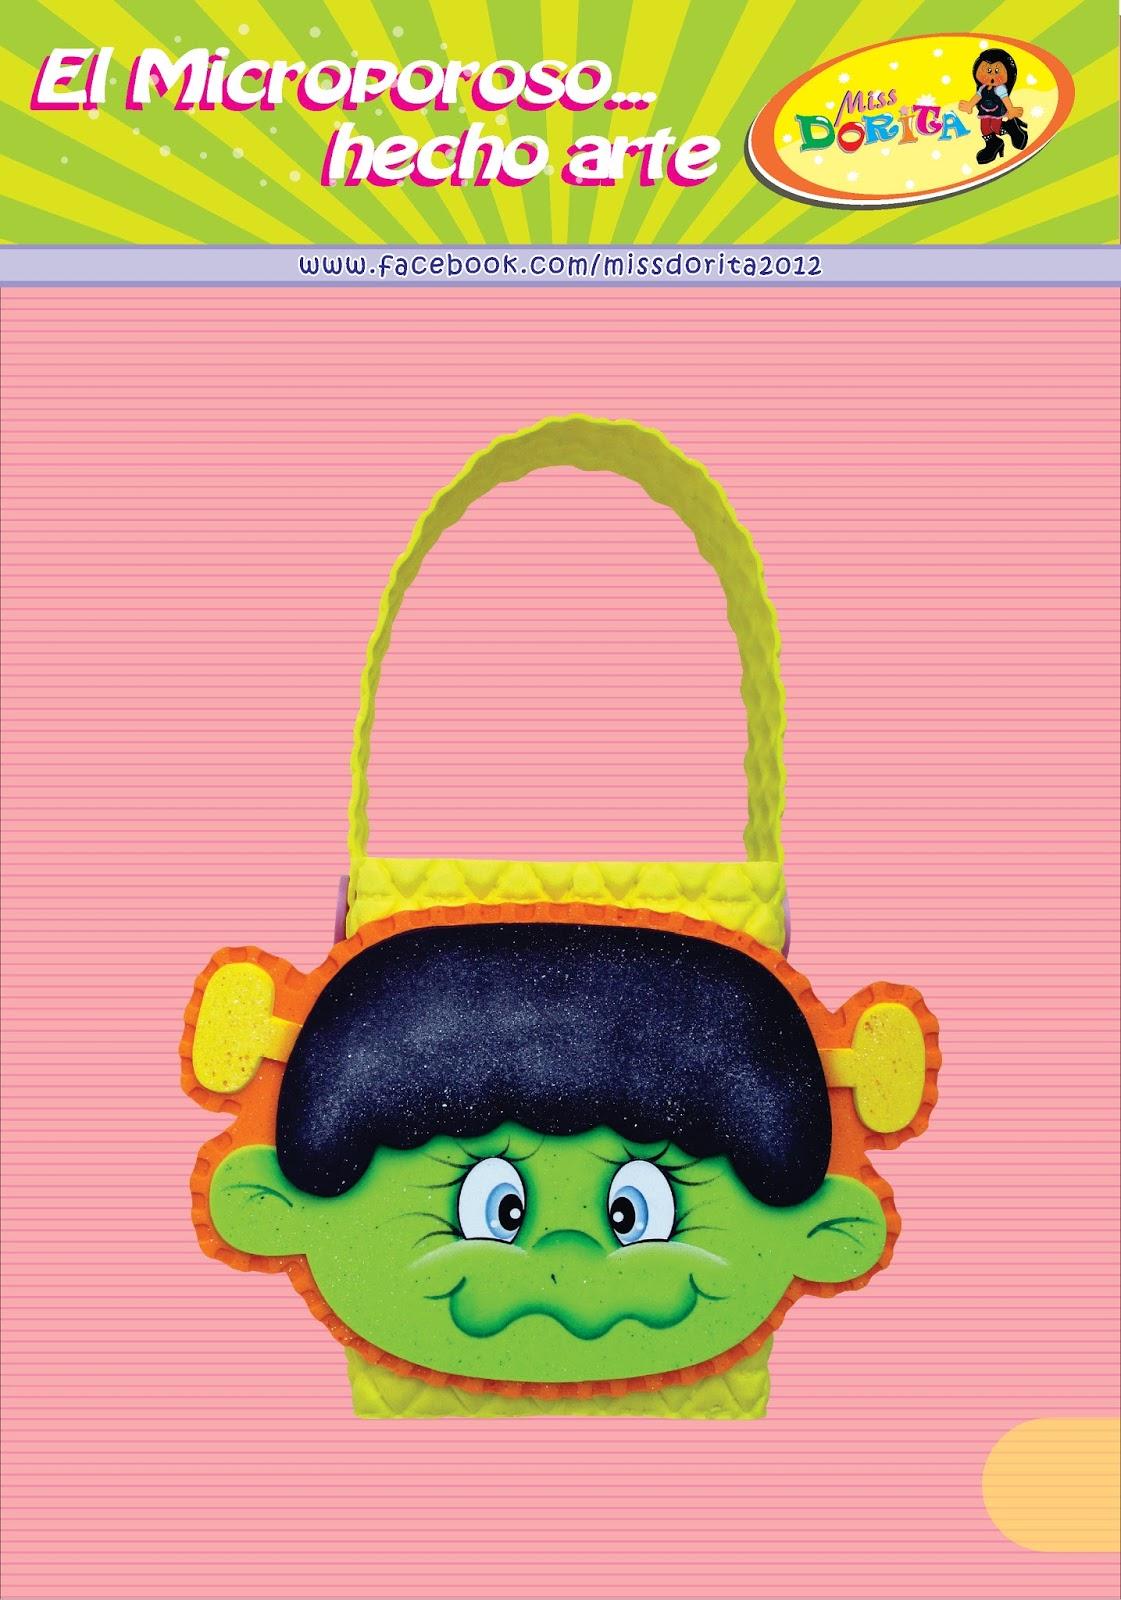 Dulcero Frankensteingomaevafoamimanualidadeshacermoldes Dulcero Frankensteingomaevafoamimanualidadeshacermoldes Dulcero Dulcero Frankensteingomaevafoamimanualidadeshacermoldes Frankensteingomaevafoamimanualidadeshacermoldes Frankensteingomaevafoamimanualidadeshacermoldes Dulcero Frankensteingomaevafoamimanualidadeshacermoldes Dulcero IYbHD92eWE